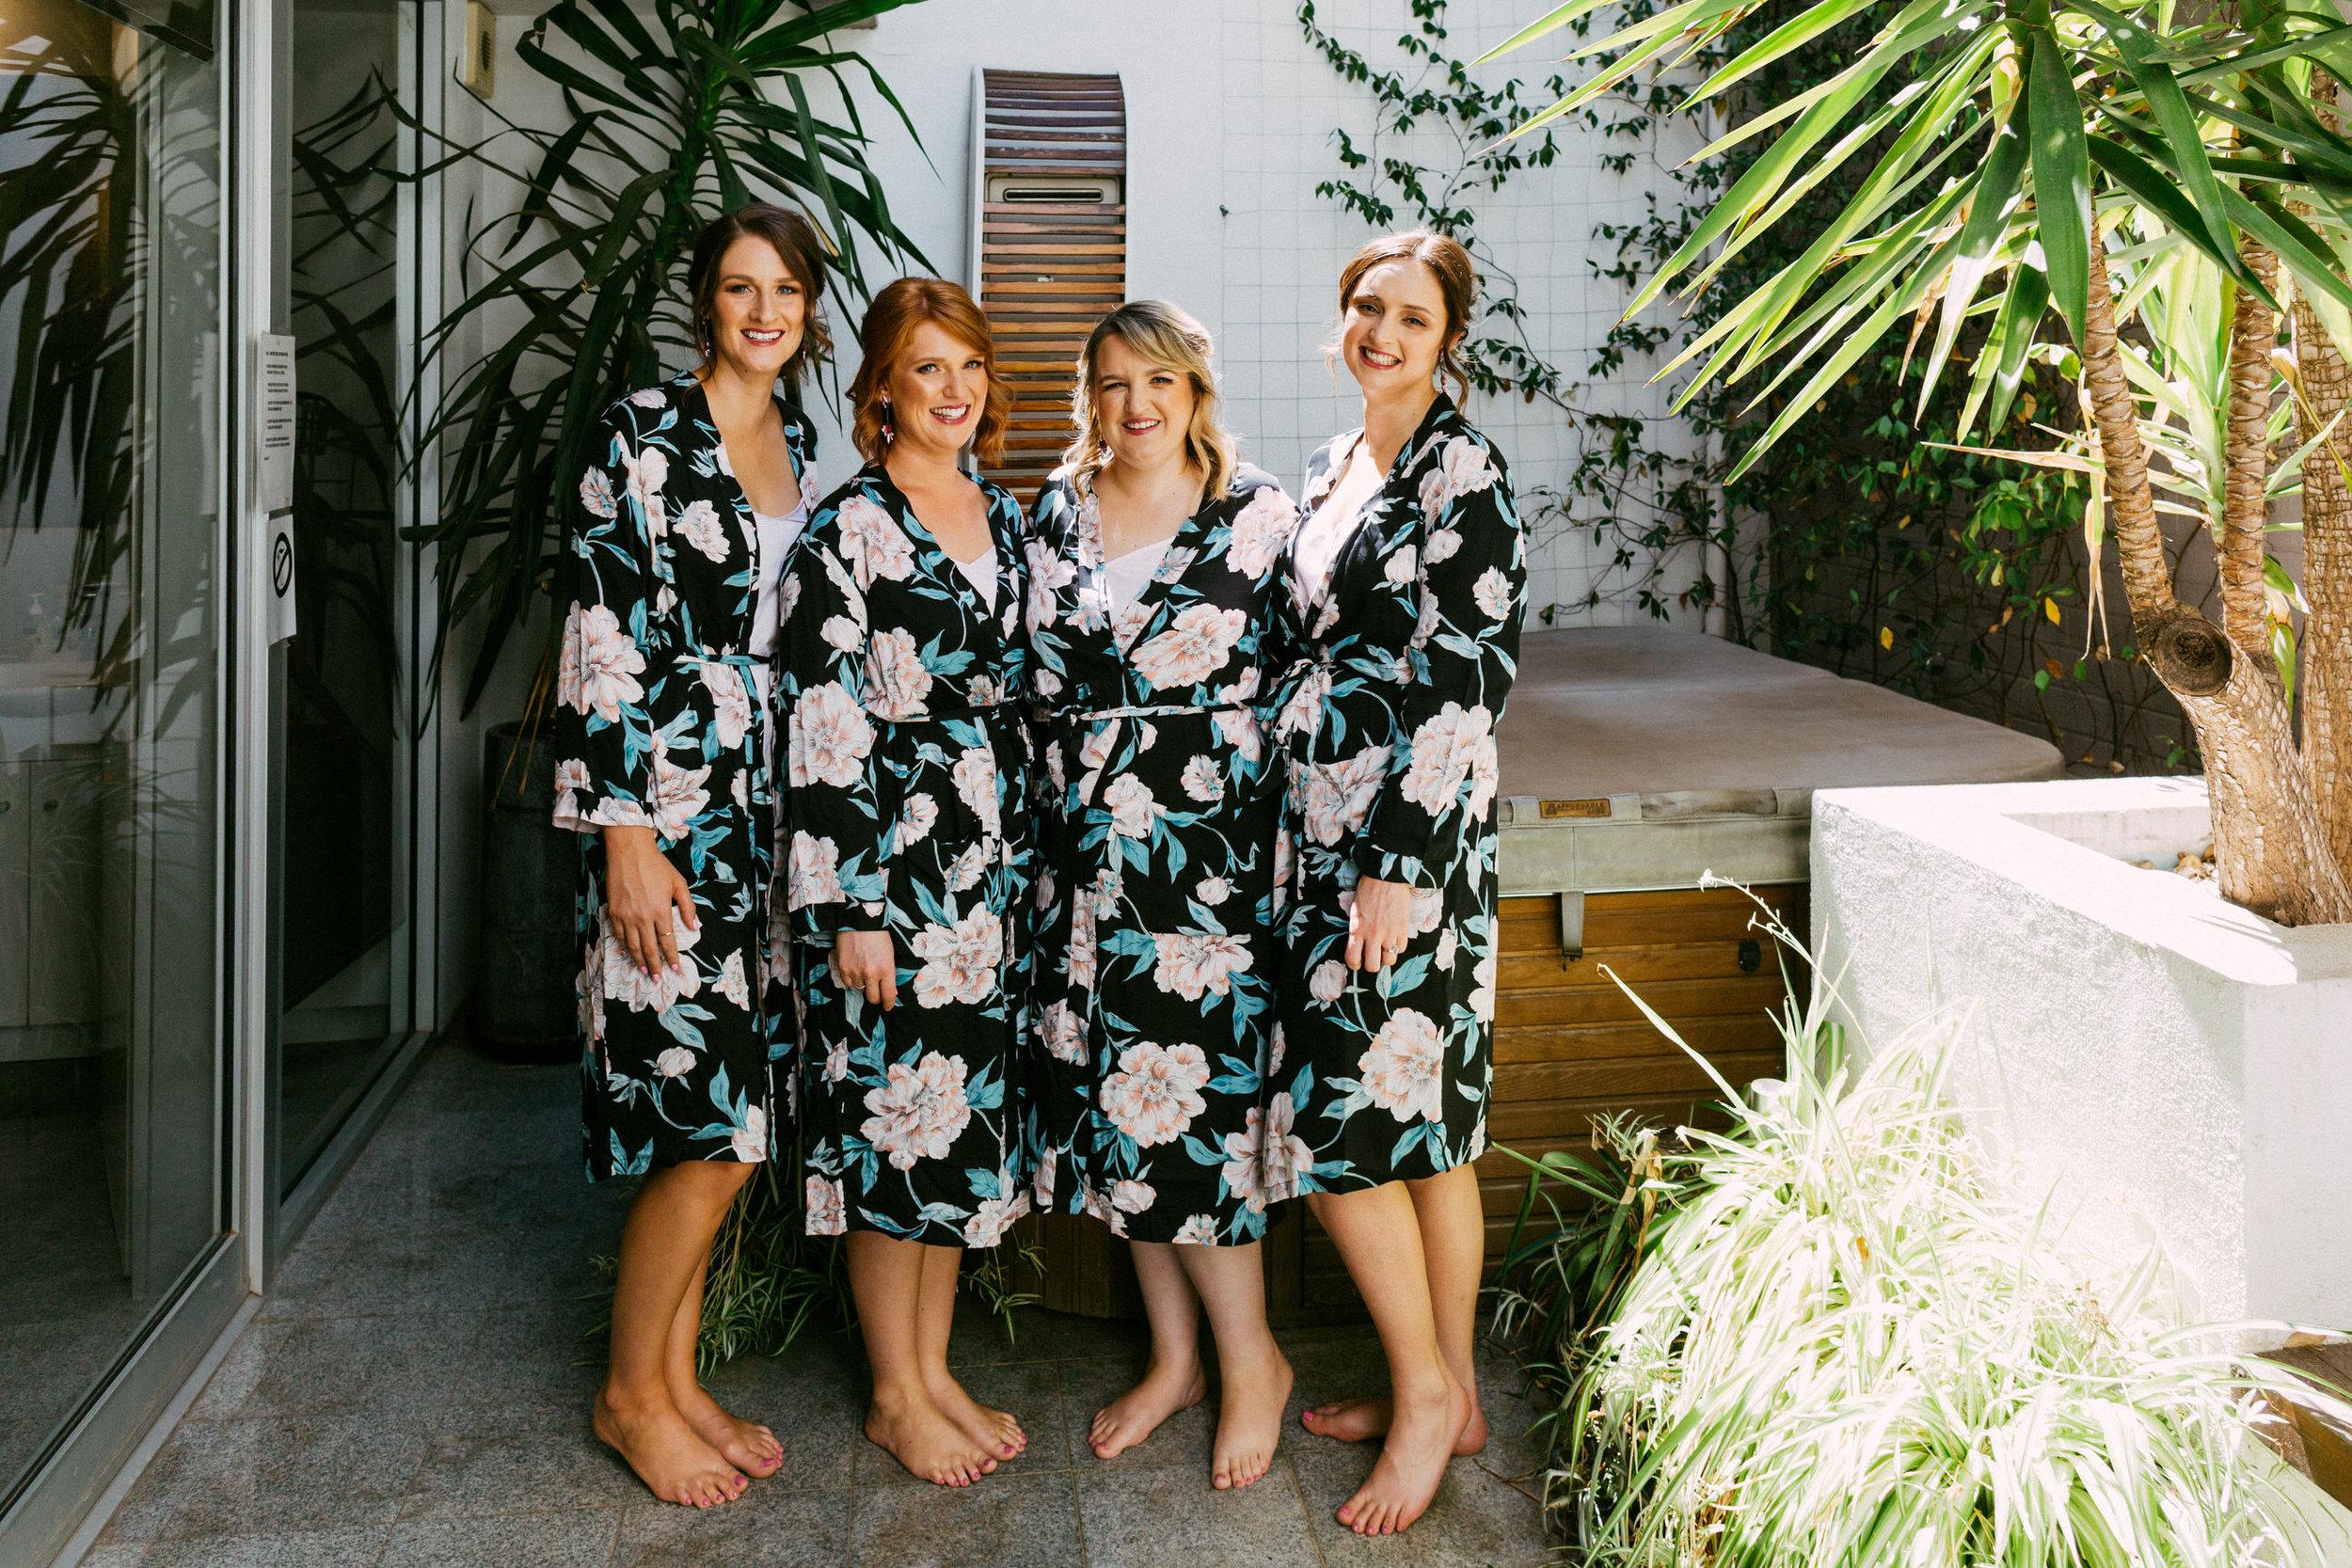 Adelaide City Fringe Garden Unearthly Delight Wedding 016.jpg